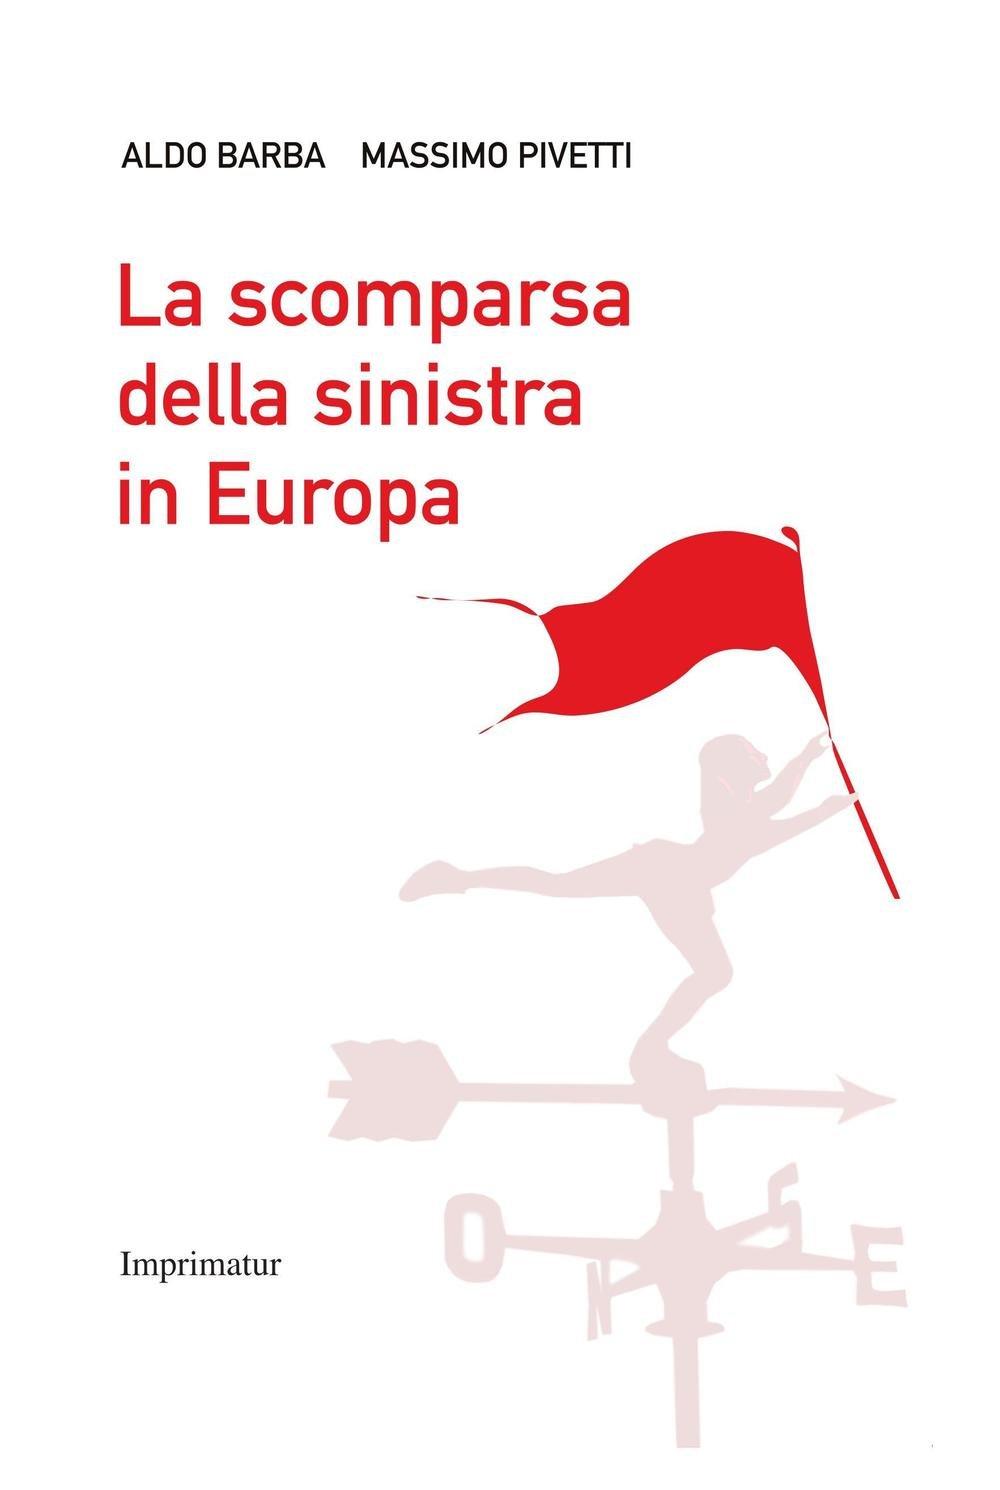 La scomparsa della Sinistra in Europa Copertina flessibile – 29 set 2016 Aldo Barba Massimo Pivetti Imprimatur 8868304252